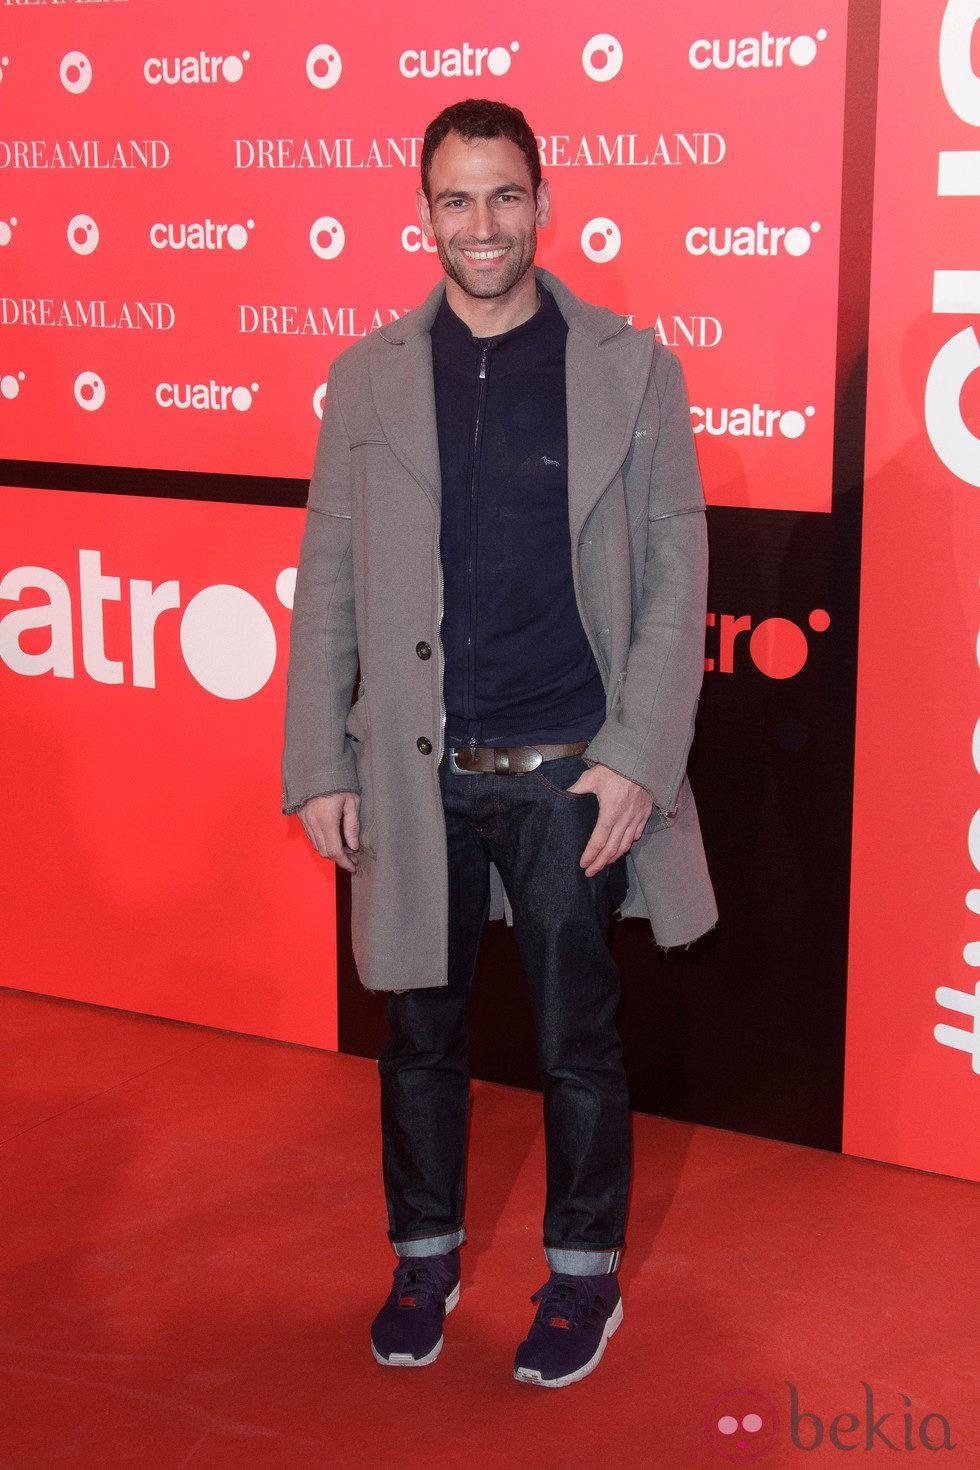 Dario Barrío en la fiesta de presentación de 'Dreamland' en Madrid